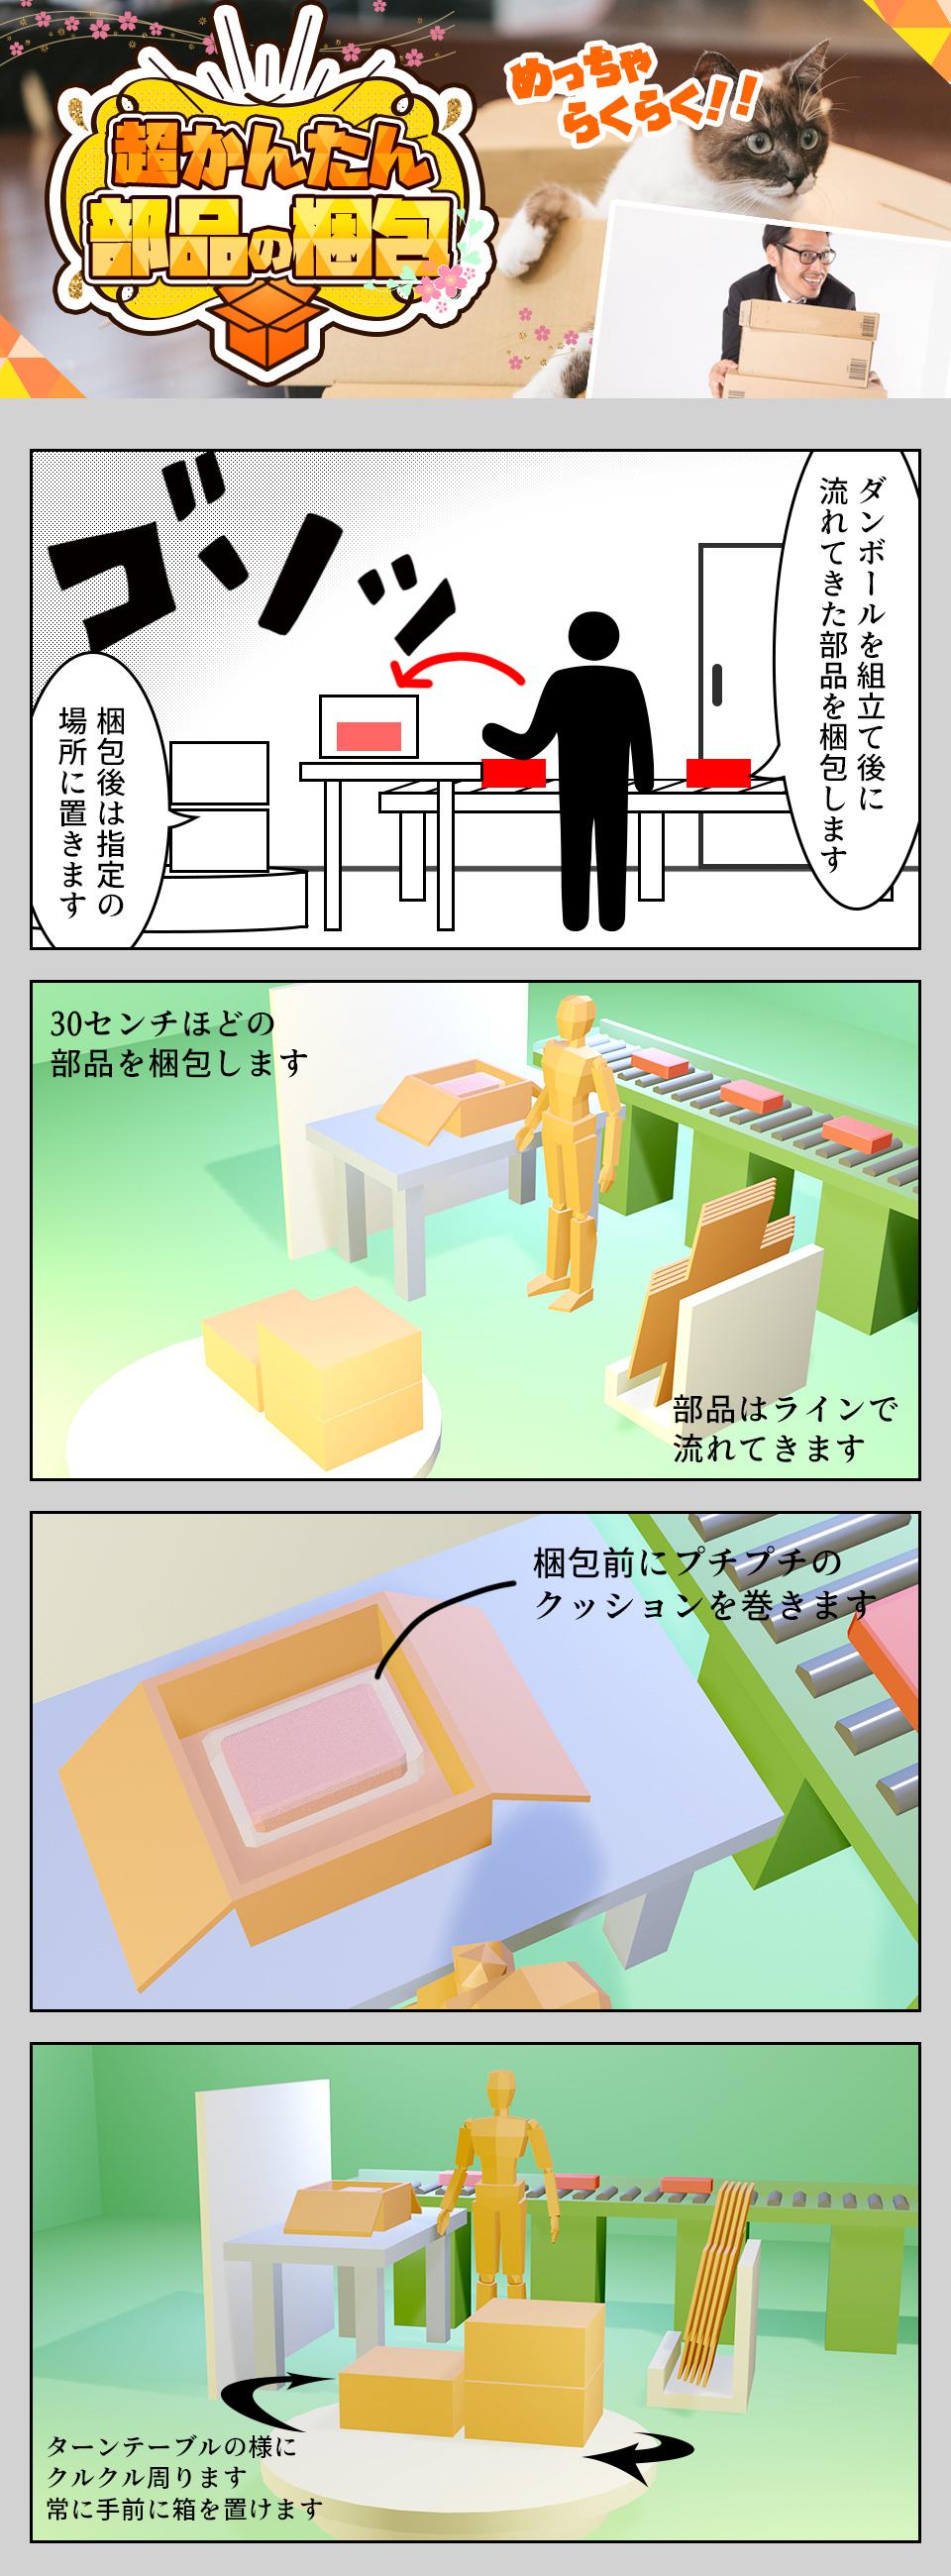 部品の梱包 愛知県安城市の派遣社員求人